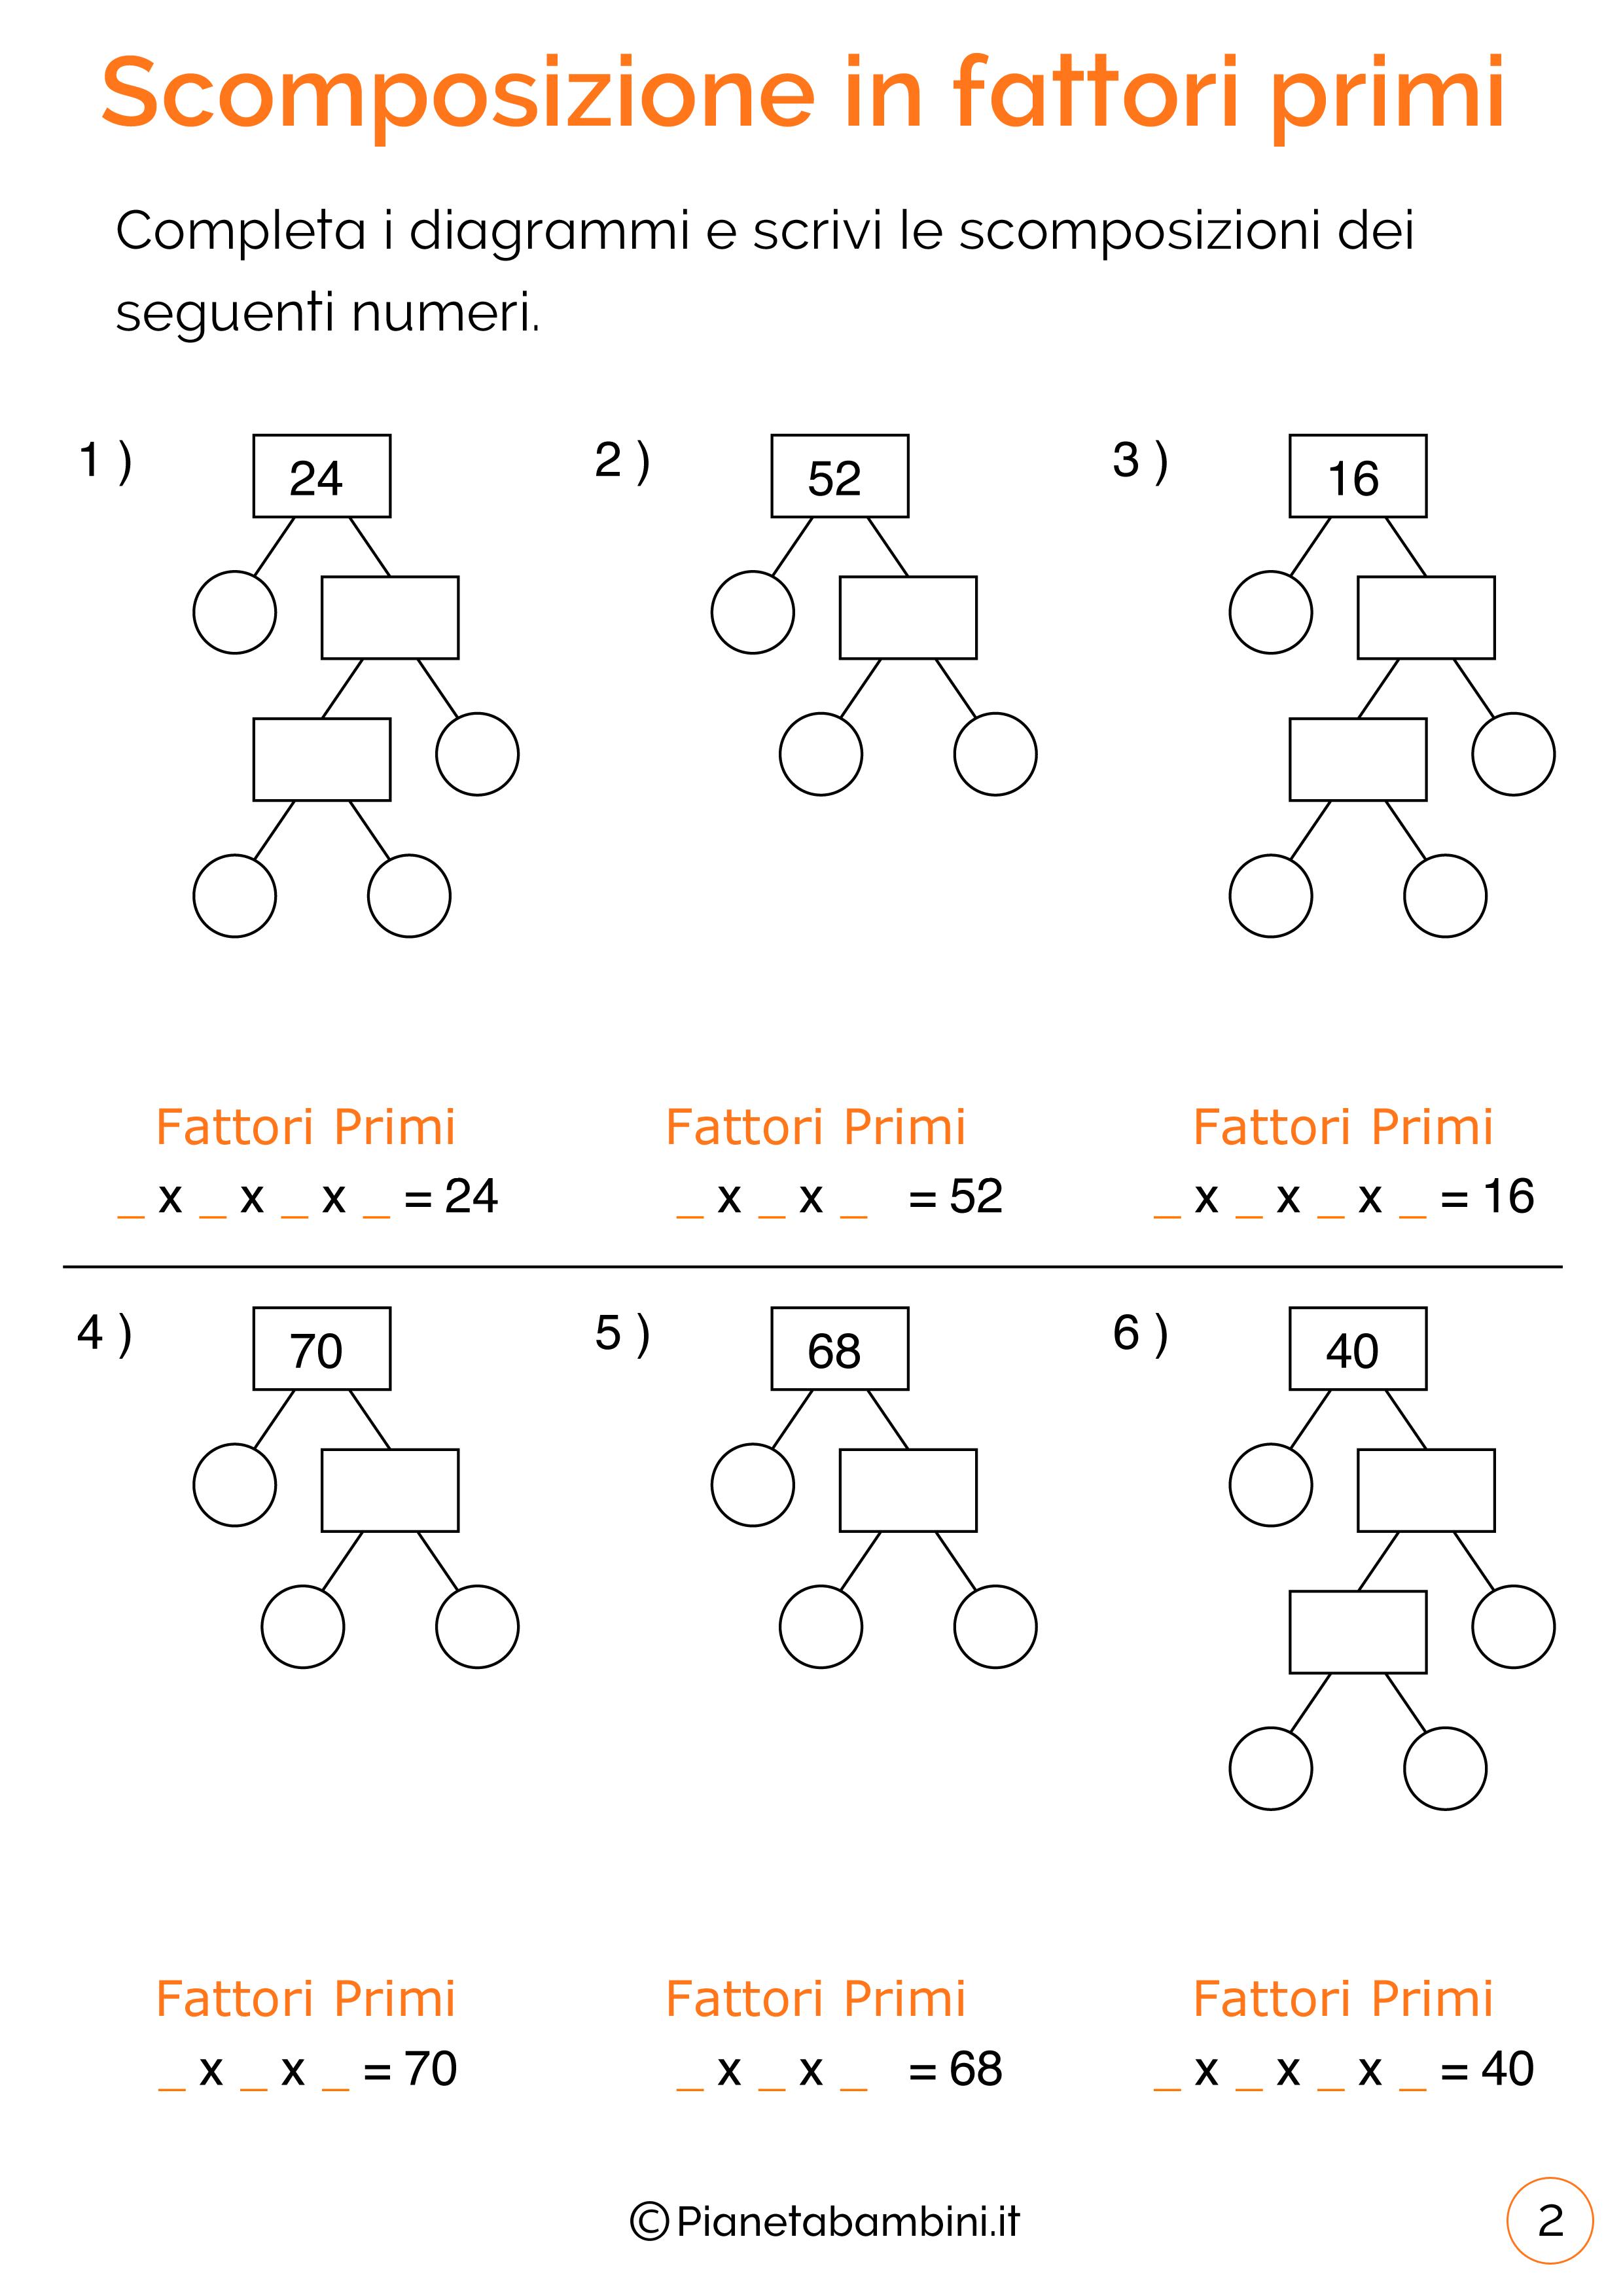 Esercizi-Scomposizione-Fattori-Primi-2